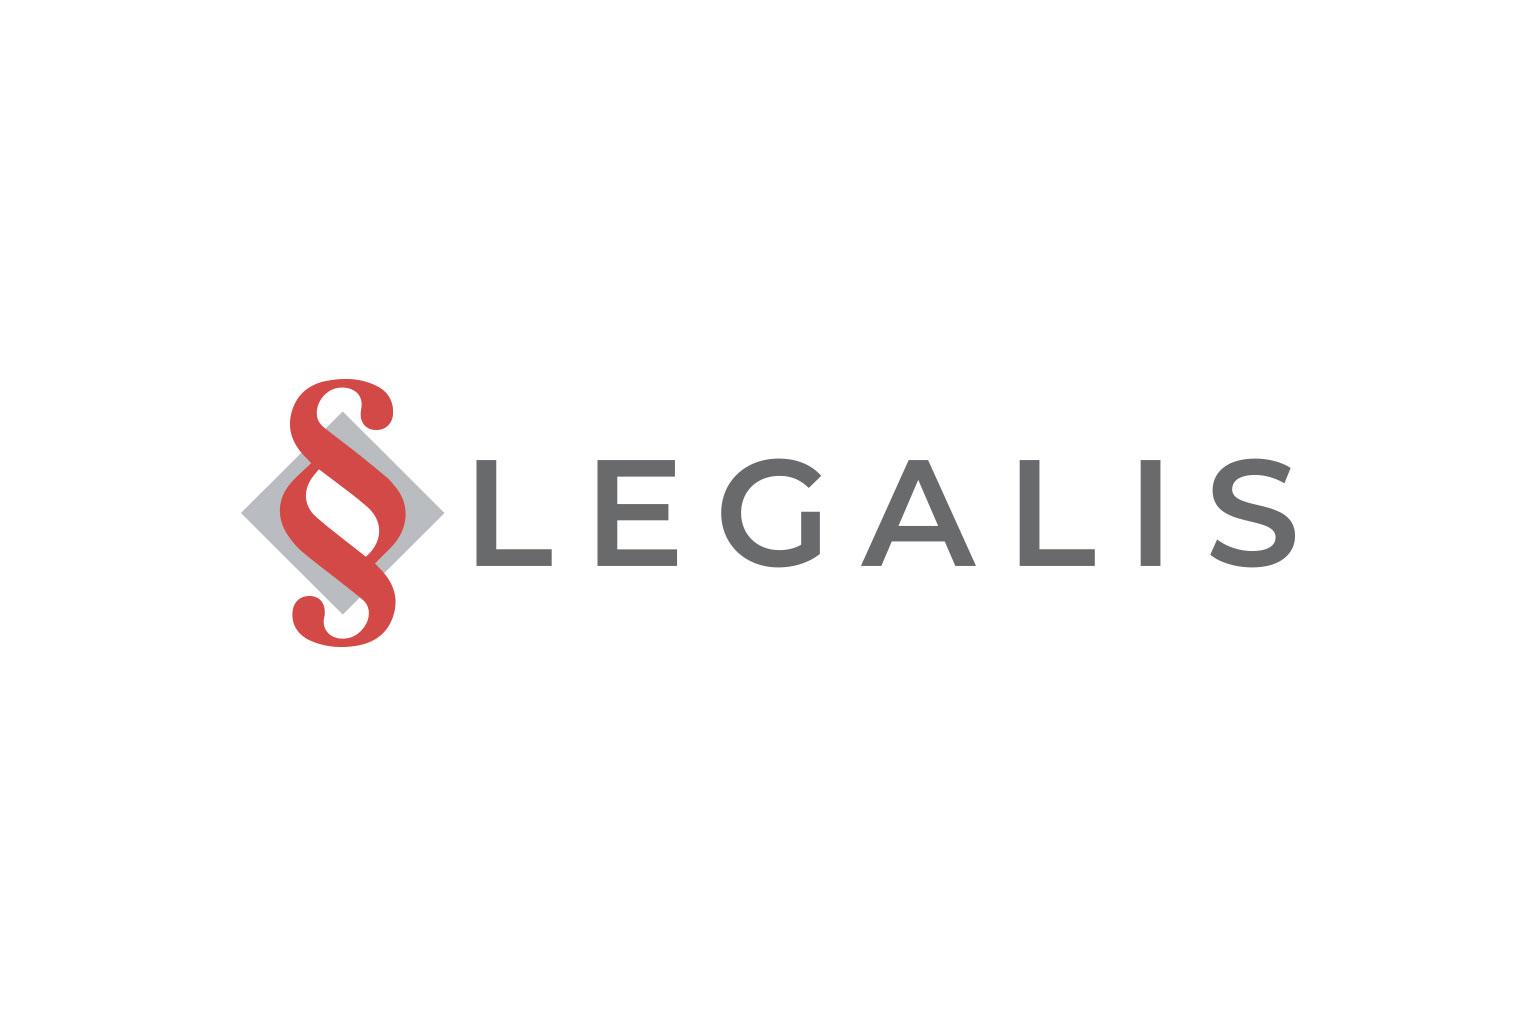 09-legalis